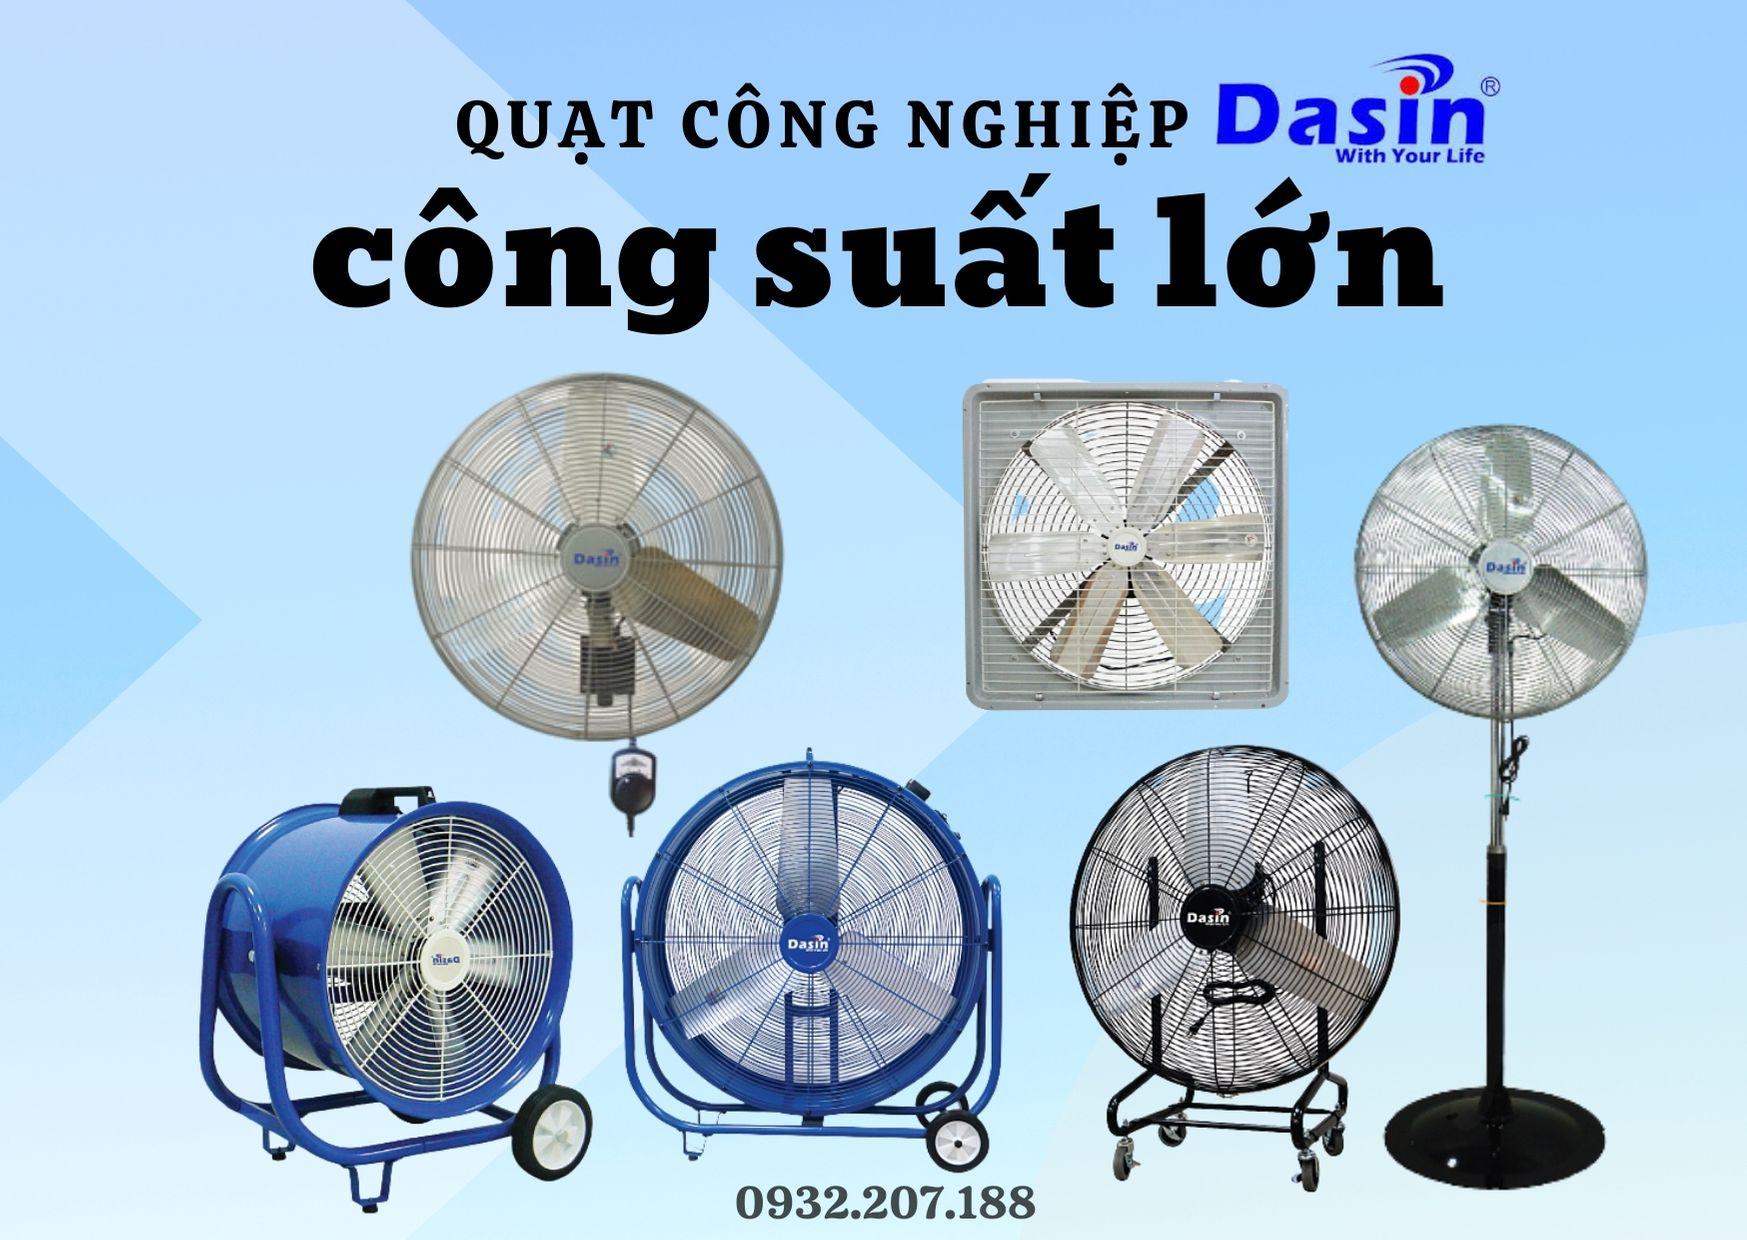 Các loại quạt công nghiệp công suất lớn Dasin